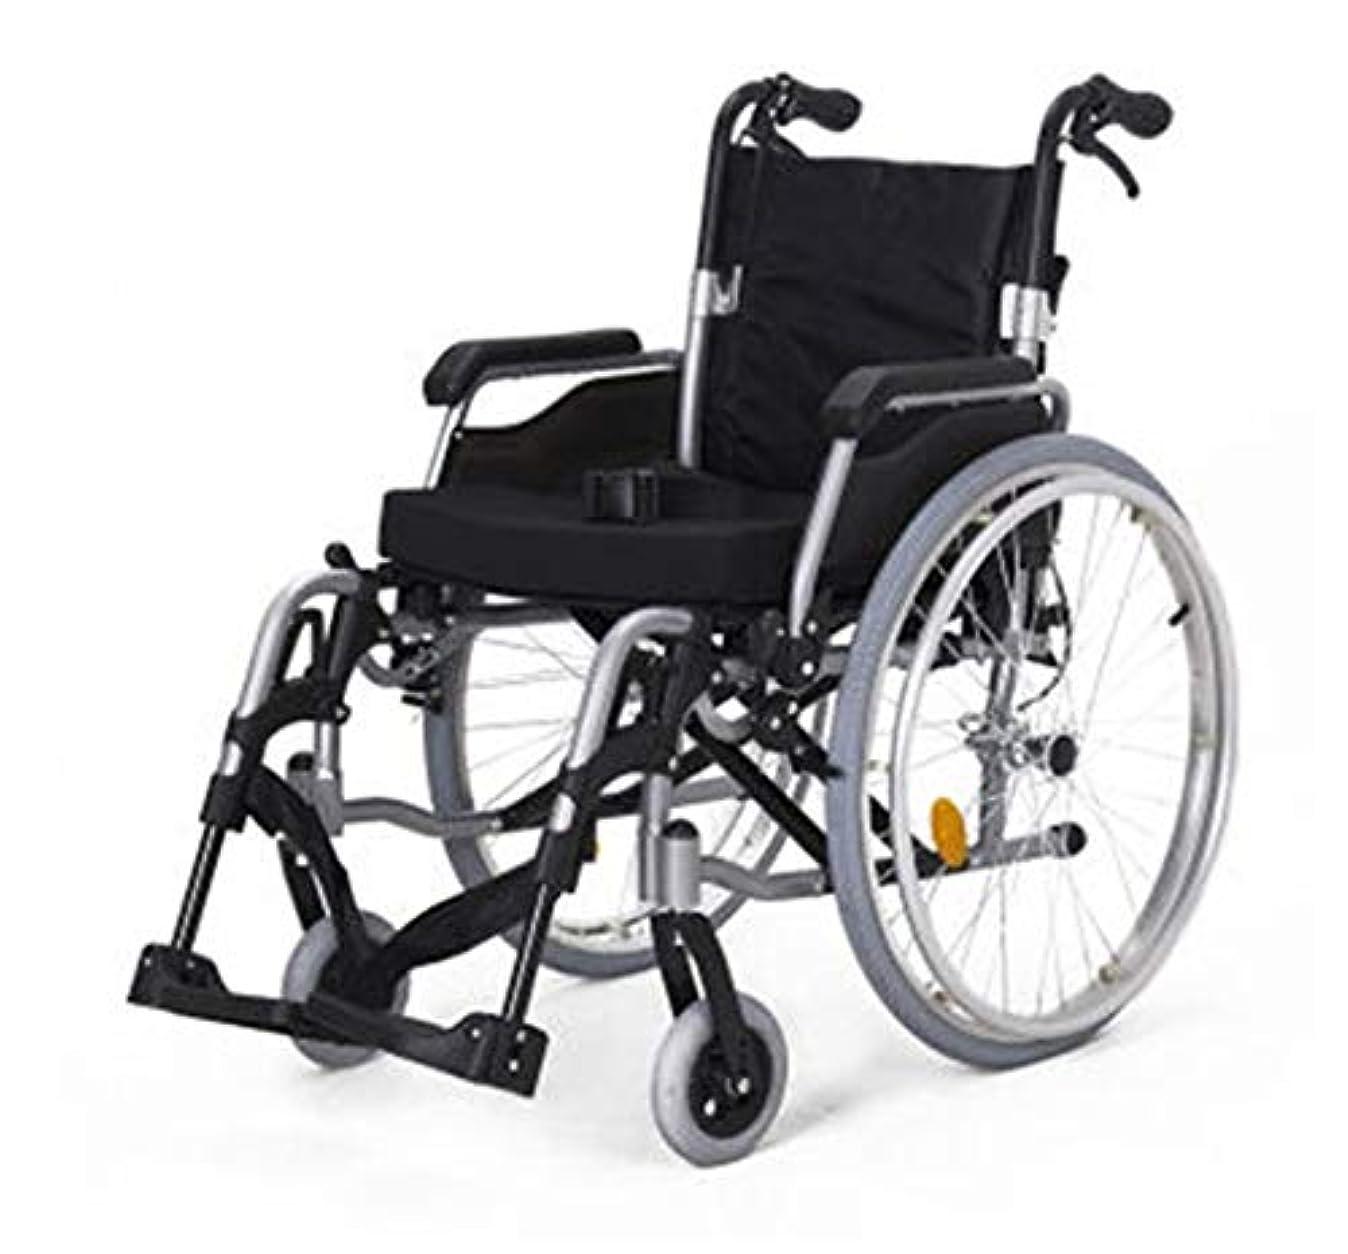 マンハッタン行政みがきます折り畳み式車椅子、屋外で旅行する高齢者、車椅子は、身体障害者、脳性麻痺、リハビリテーション患者にとって良いヘルパーです